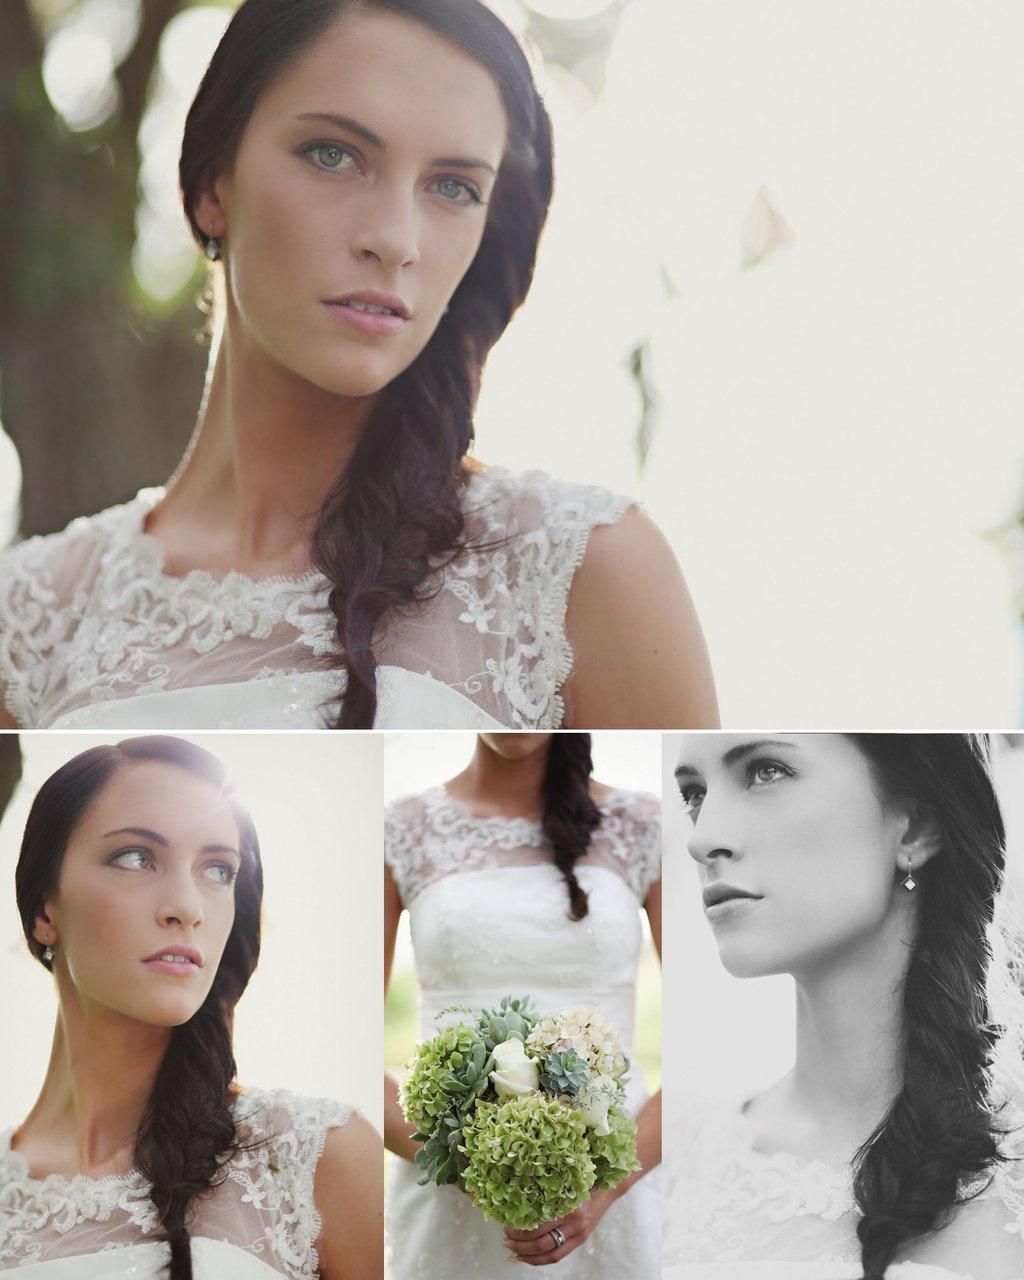 Diy-wedding-hairstyle-bohemian-bride-braid-elegant-bridal-bouquet.full